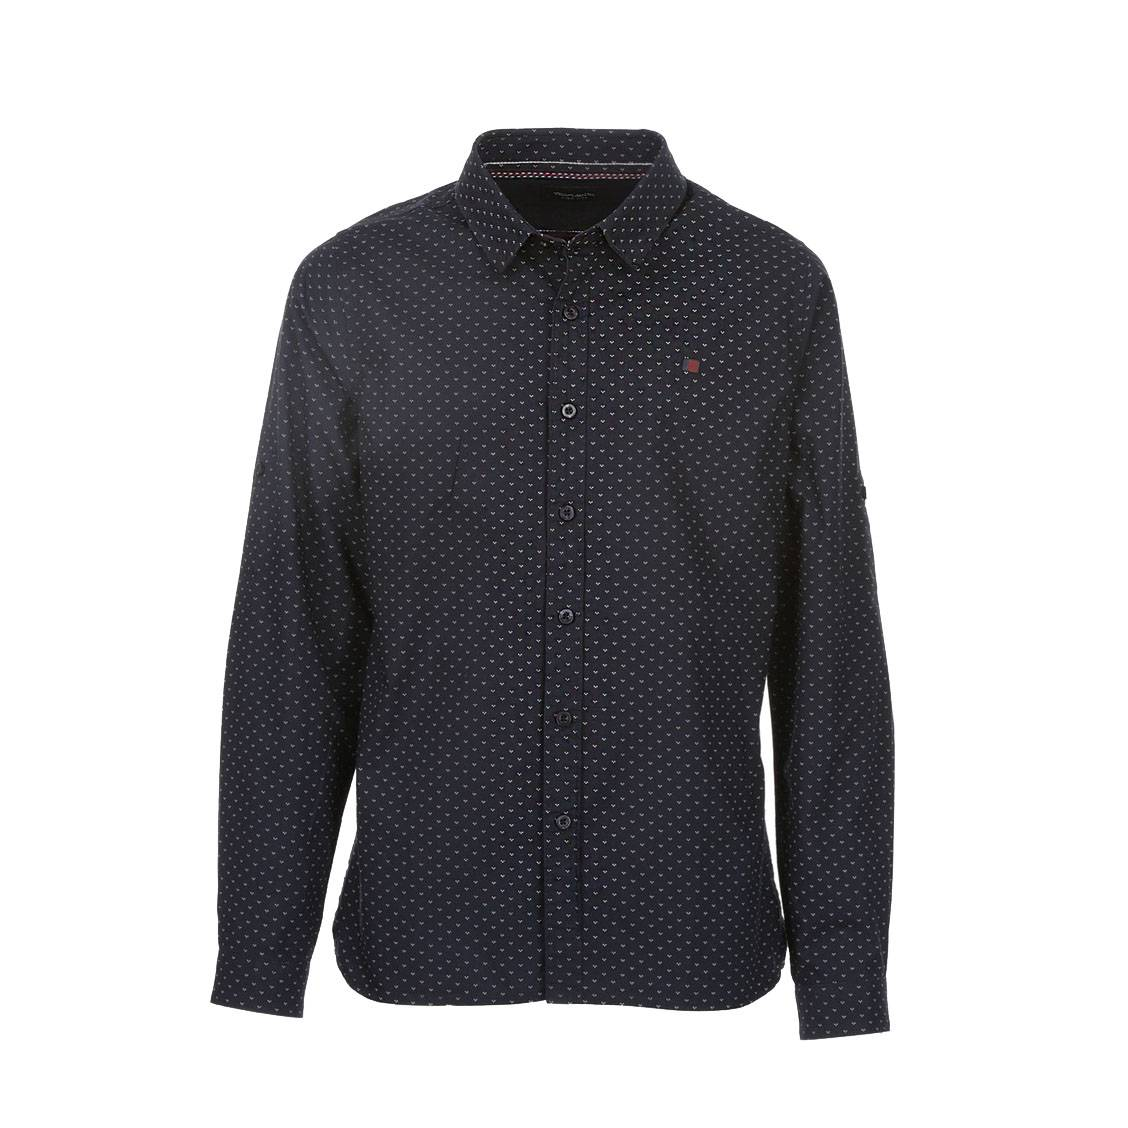 Chemise  clik en coton bleu marine à motifs blancs